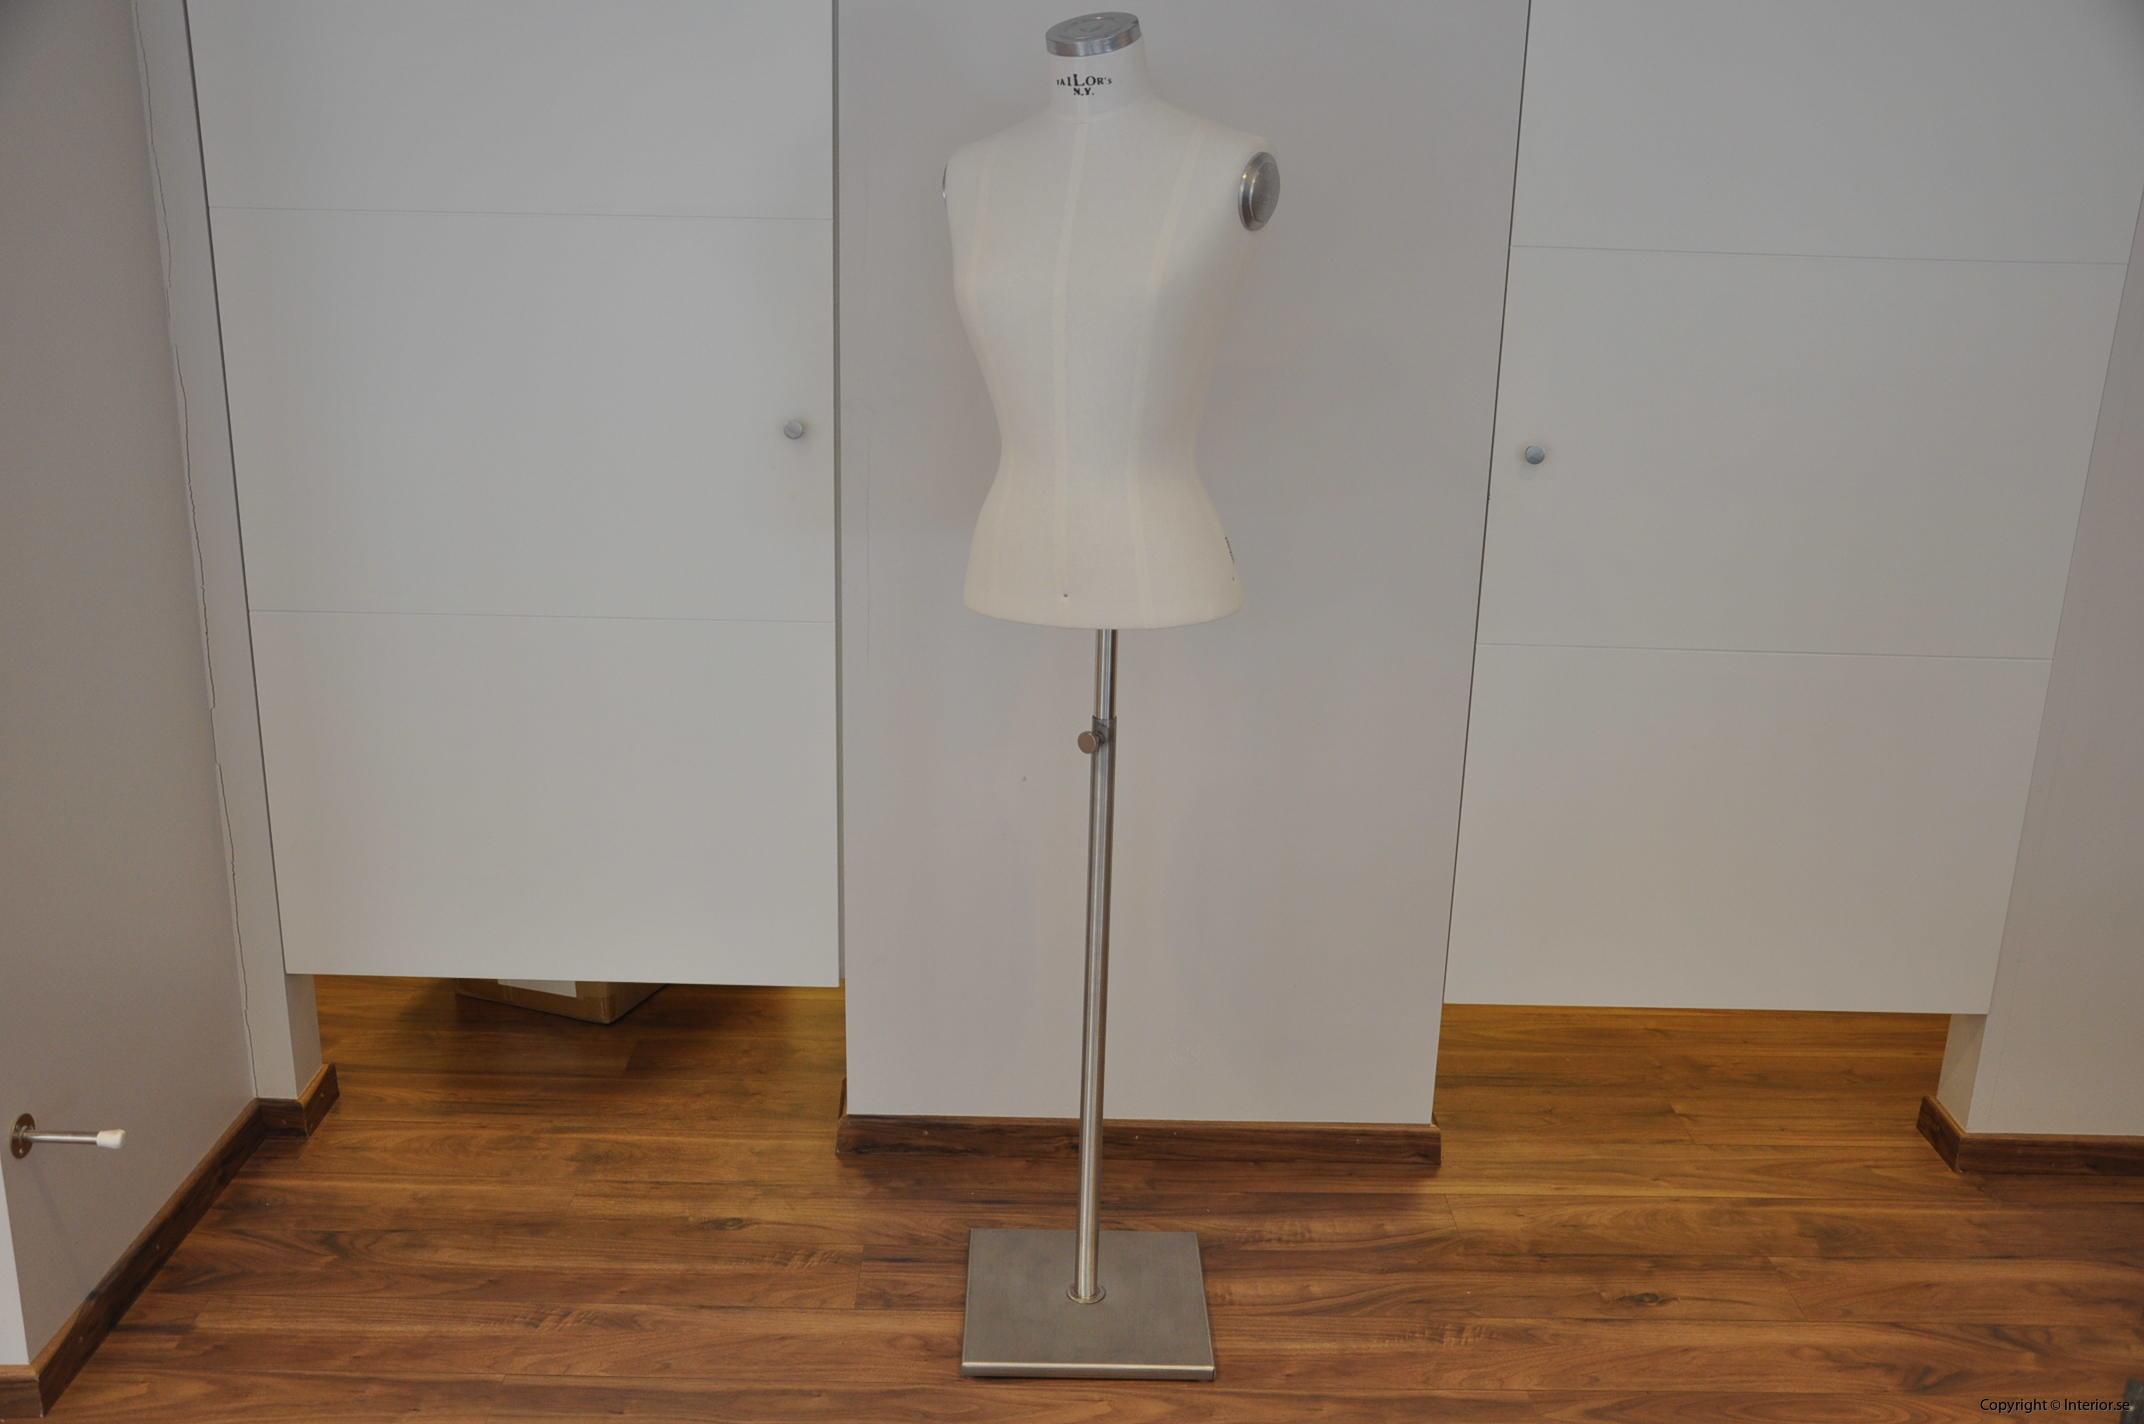 mindre skyltdocka TAILOR'S ny tailor ny tailors ny mannequins begagnad